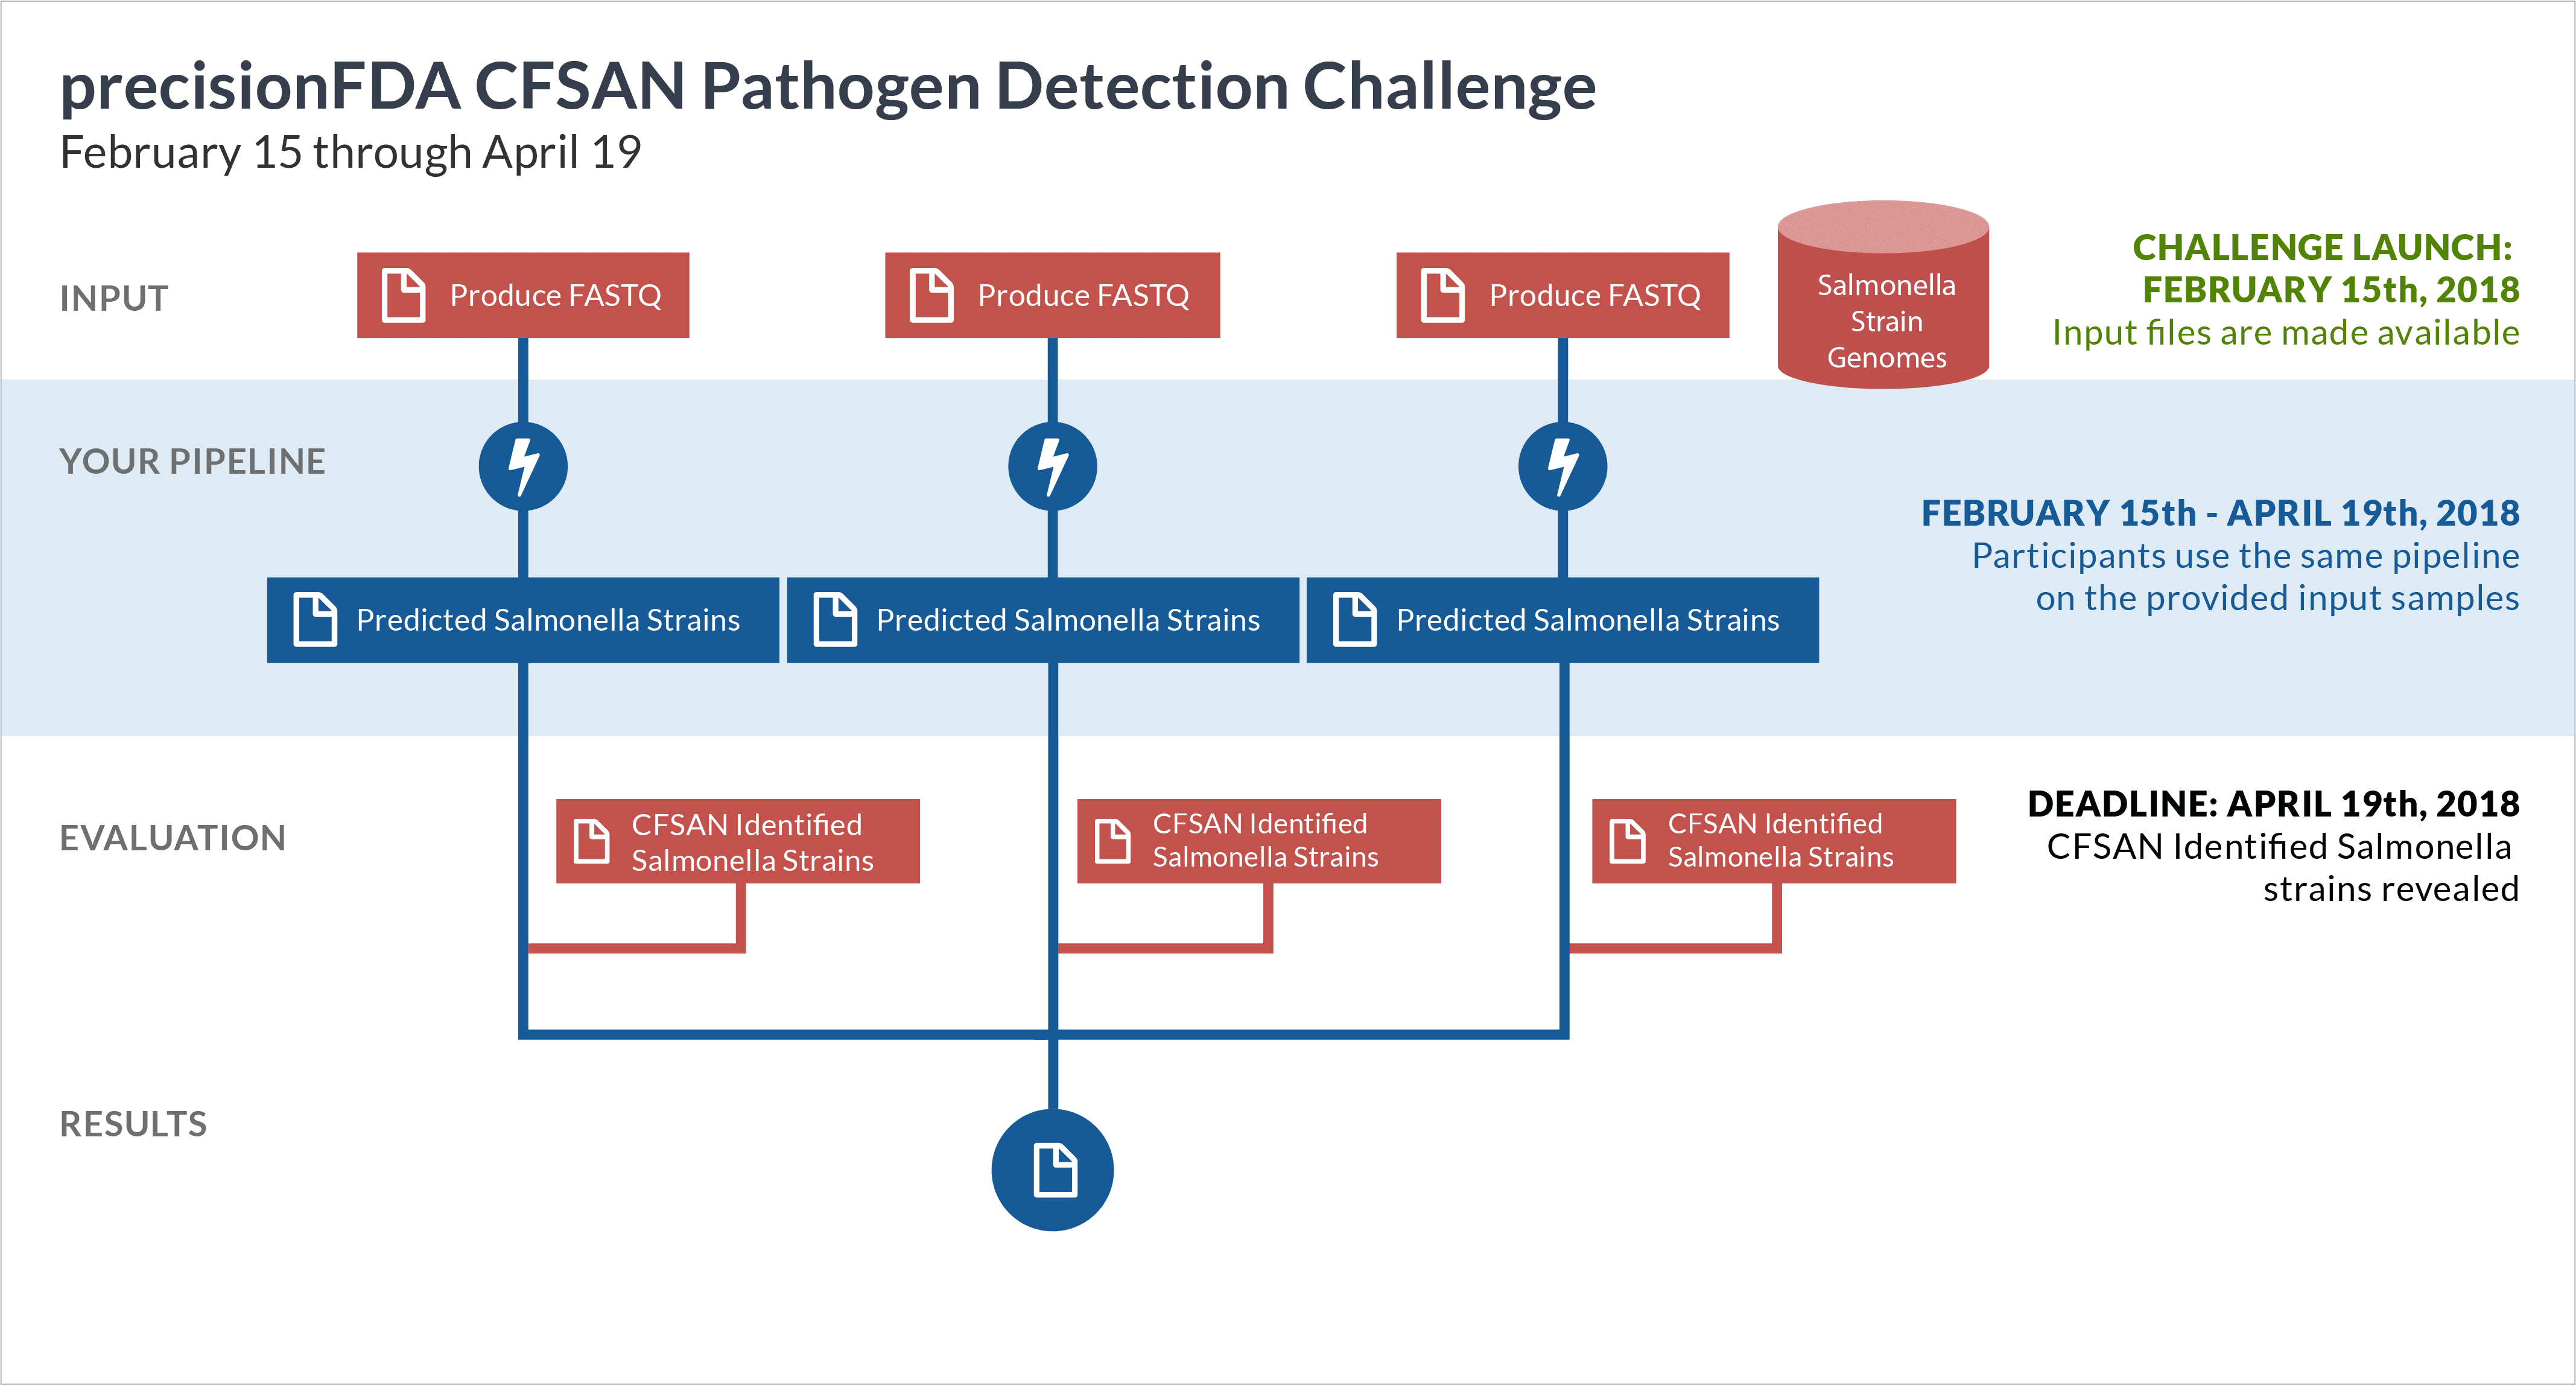 CFSAN Pathogen Detection Challenge